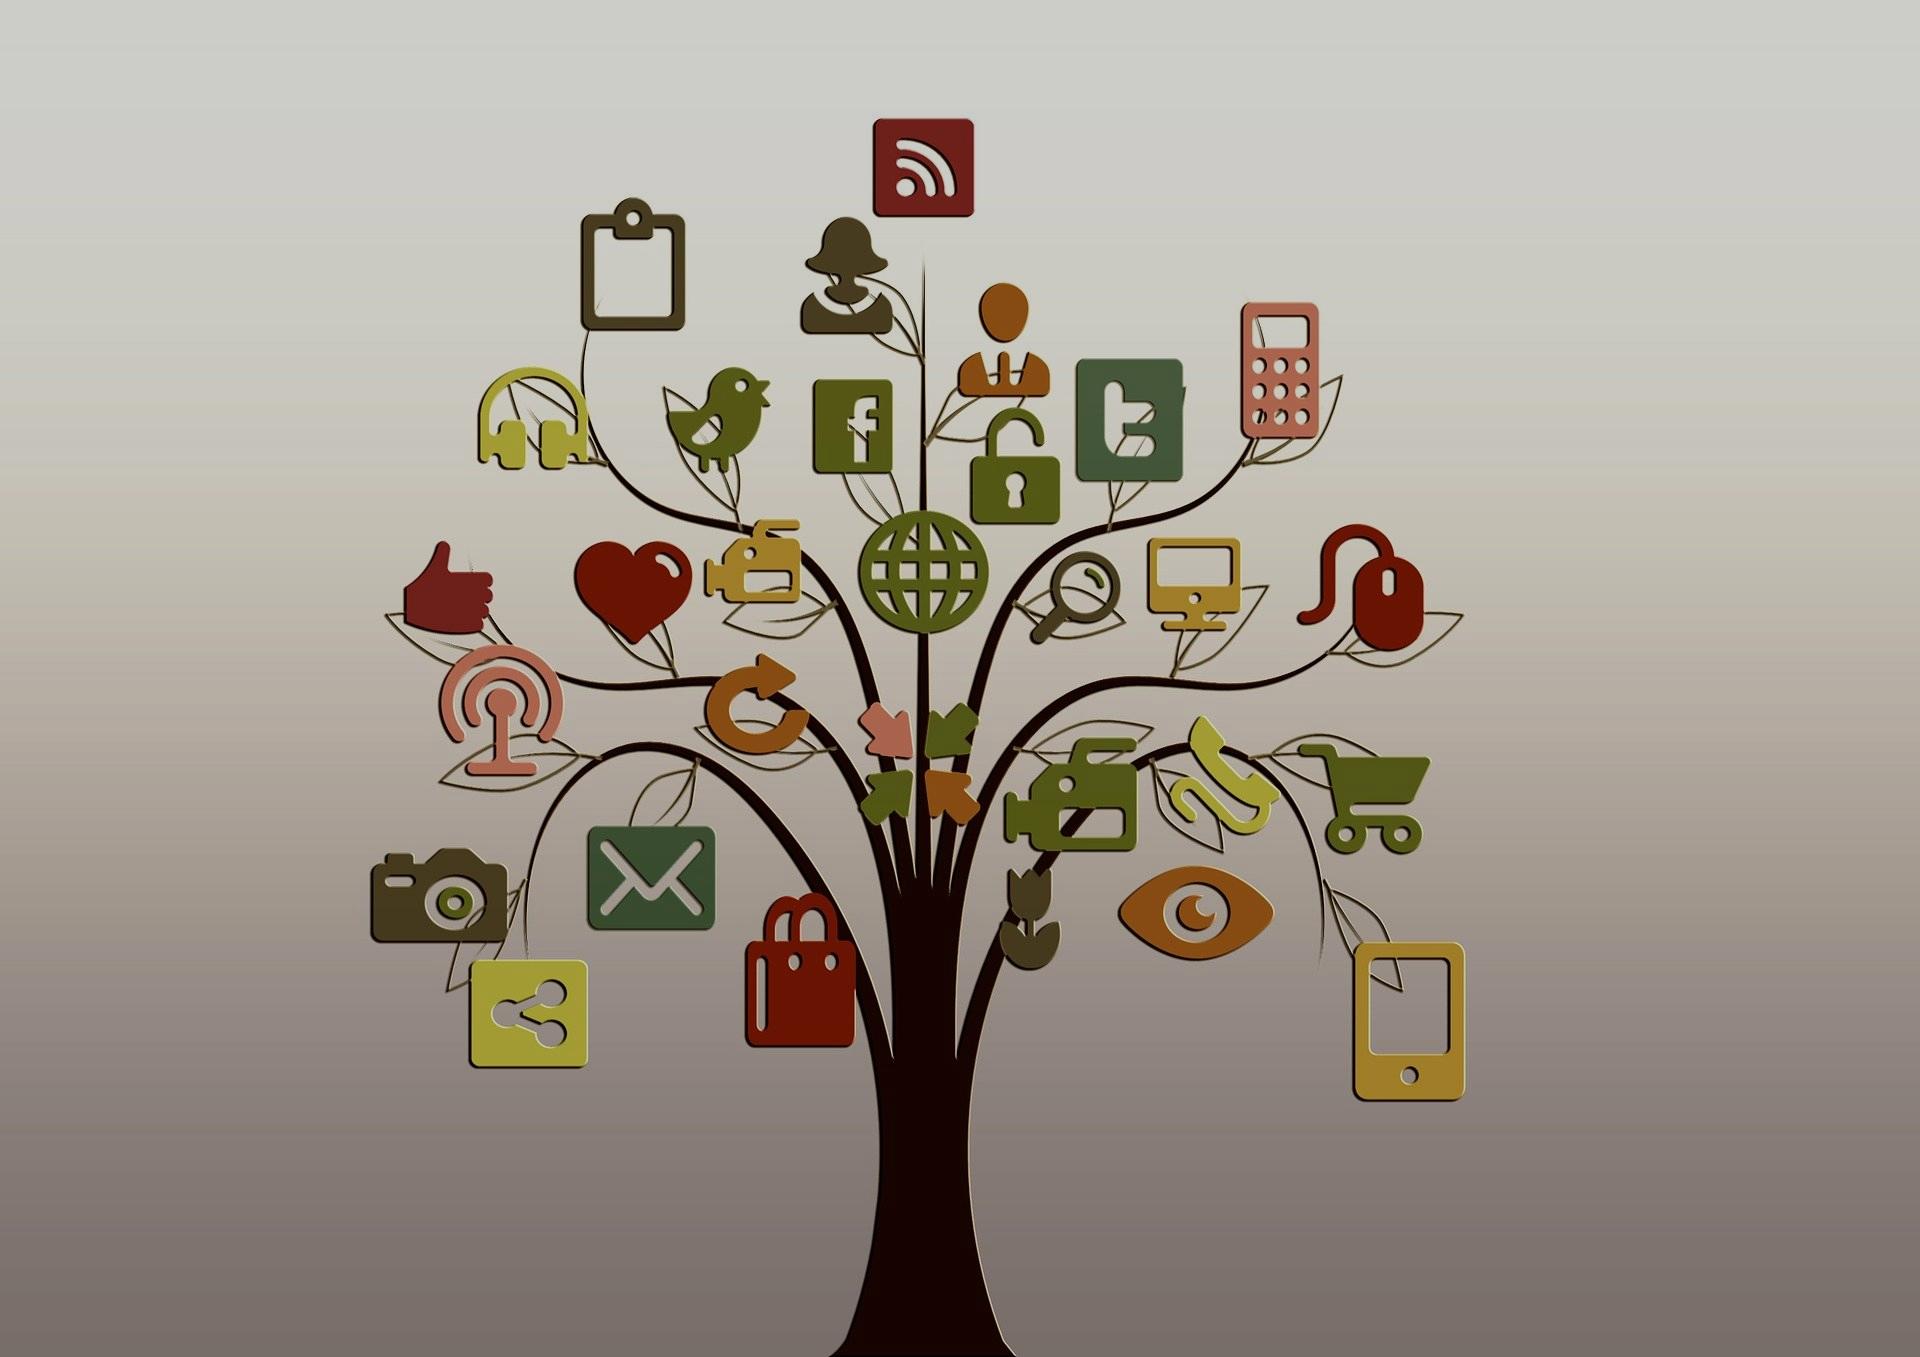 дерево с разнообразными иконками